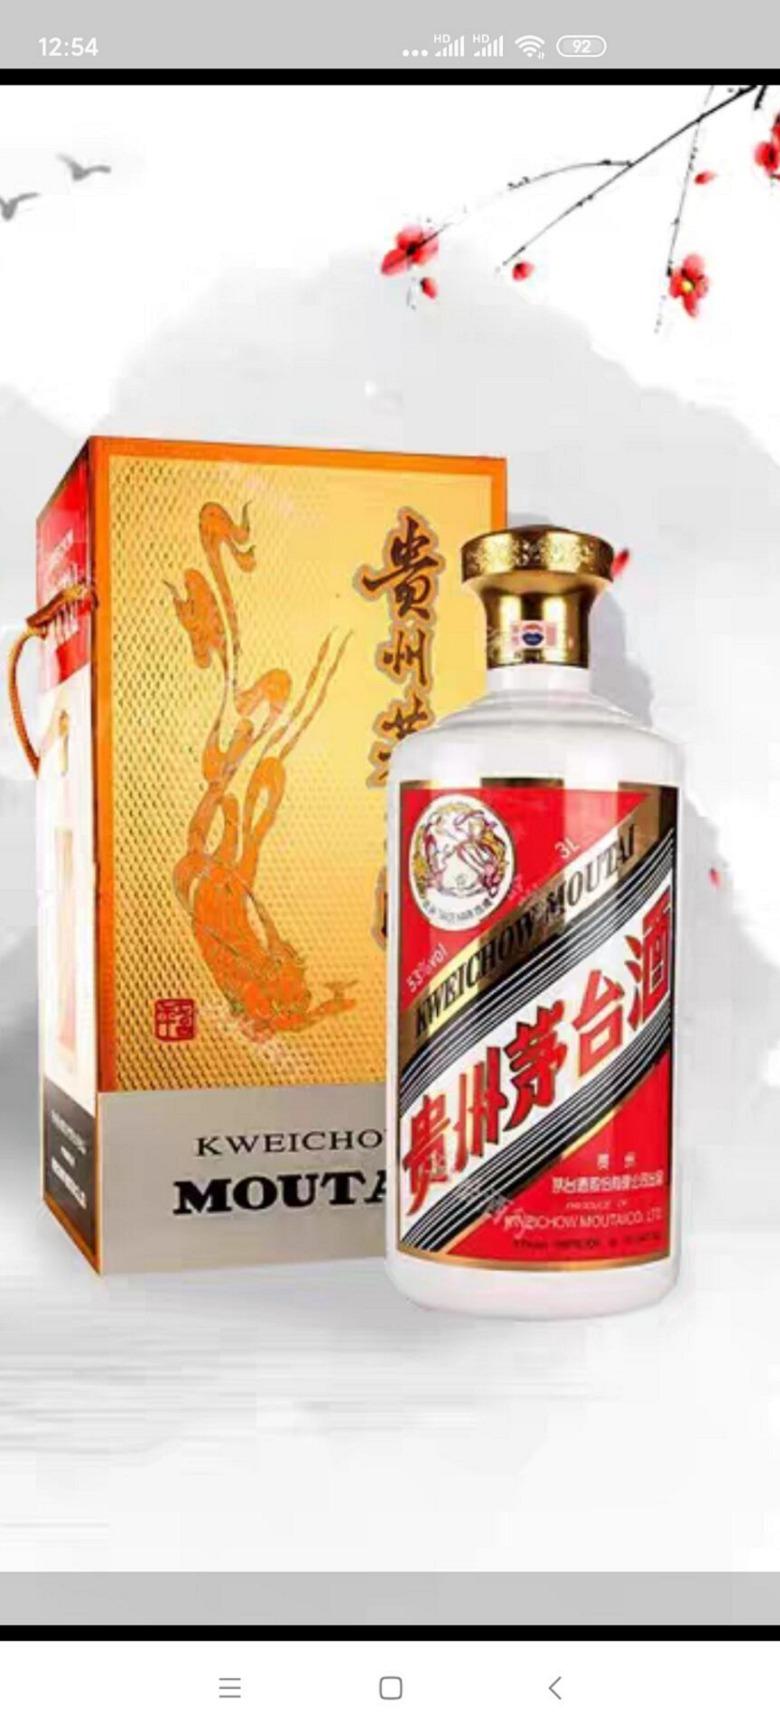 巴音郭楞若羌收购贵州茅台十二生肖鸡年空酒瓶